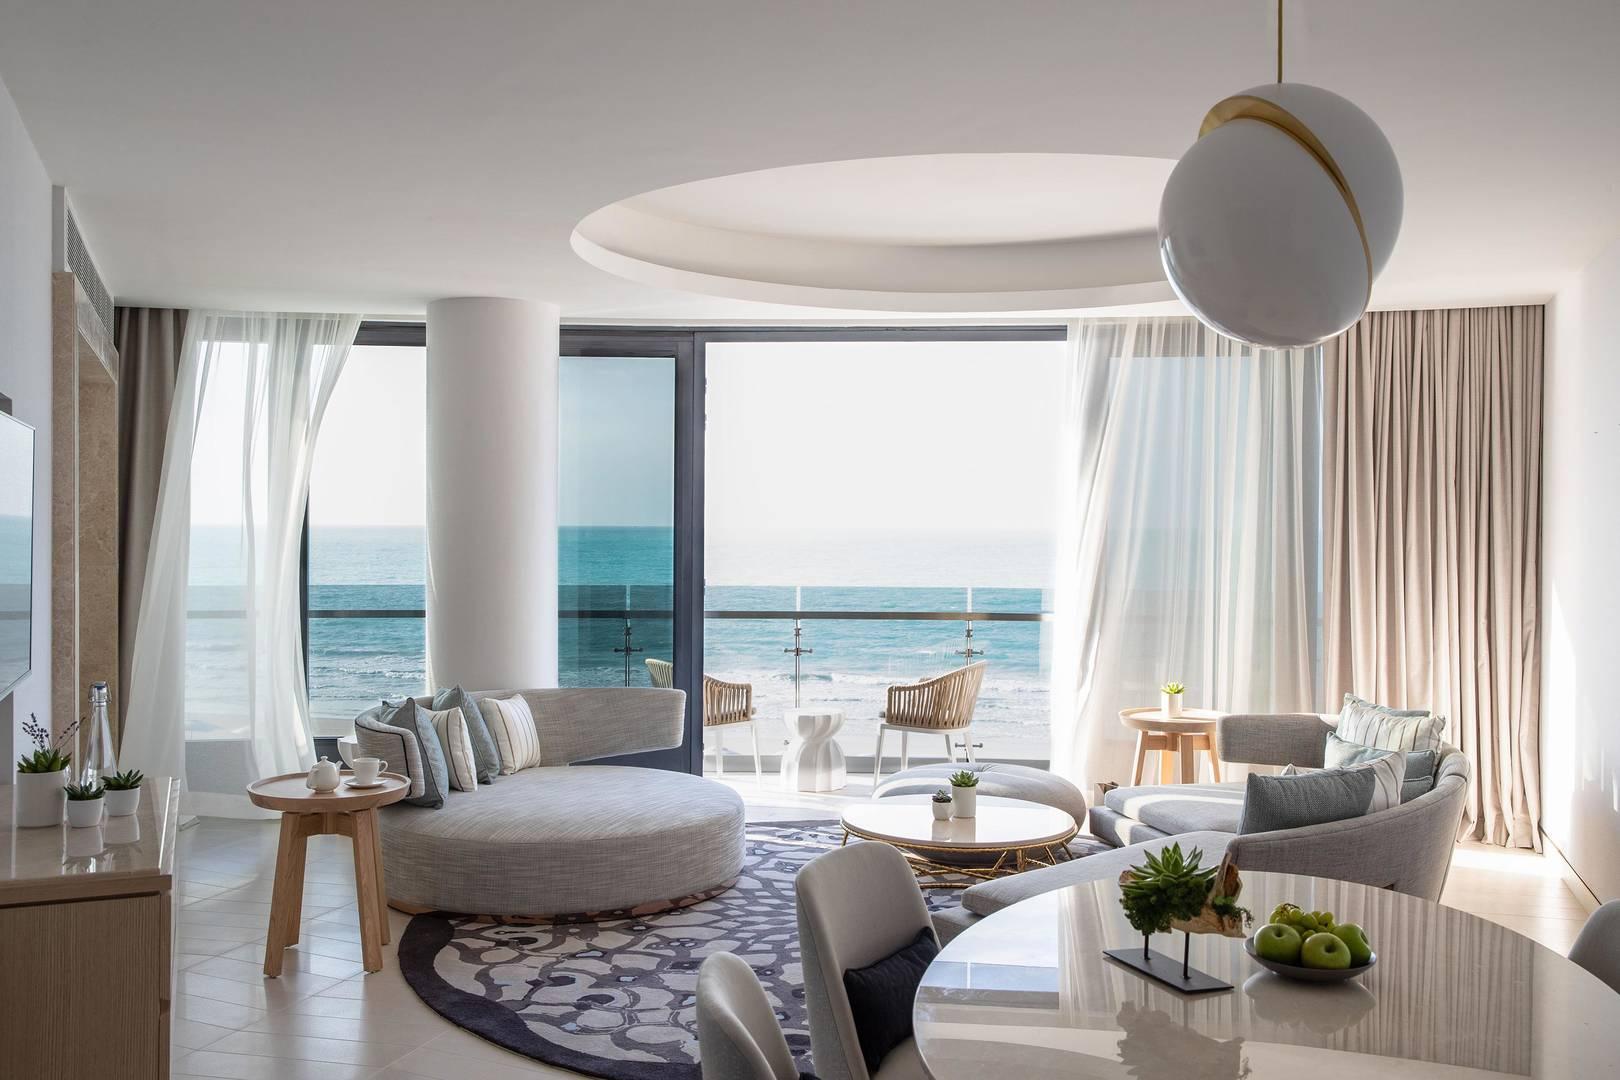 Living room in the Panoramic Suite at Jumeirah Saadiyat Island Resort